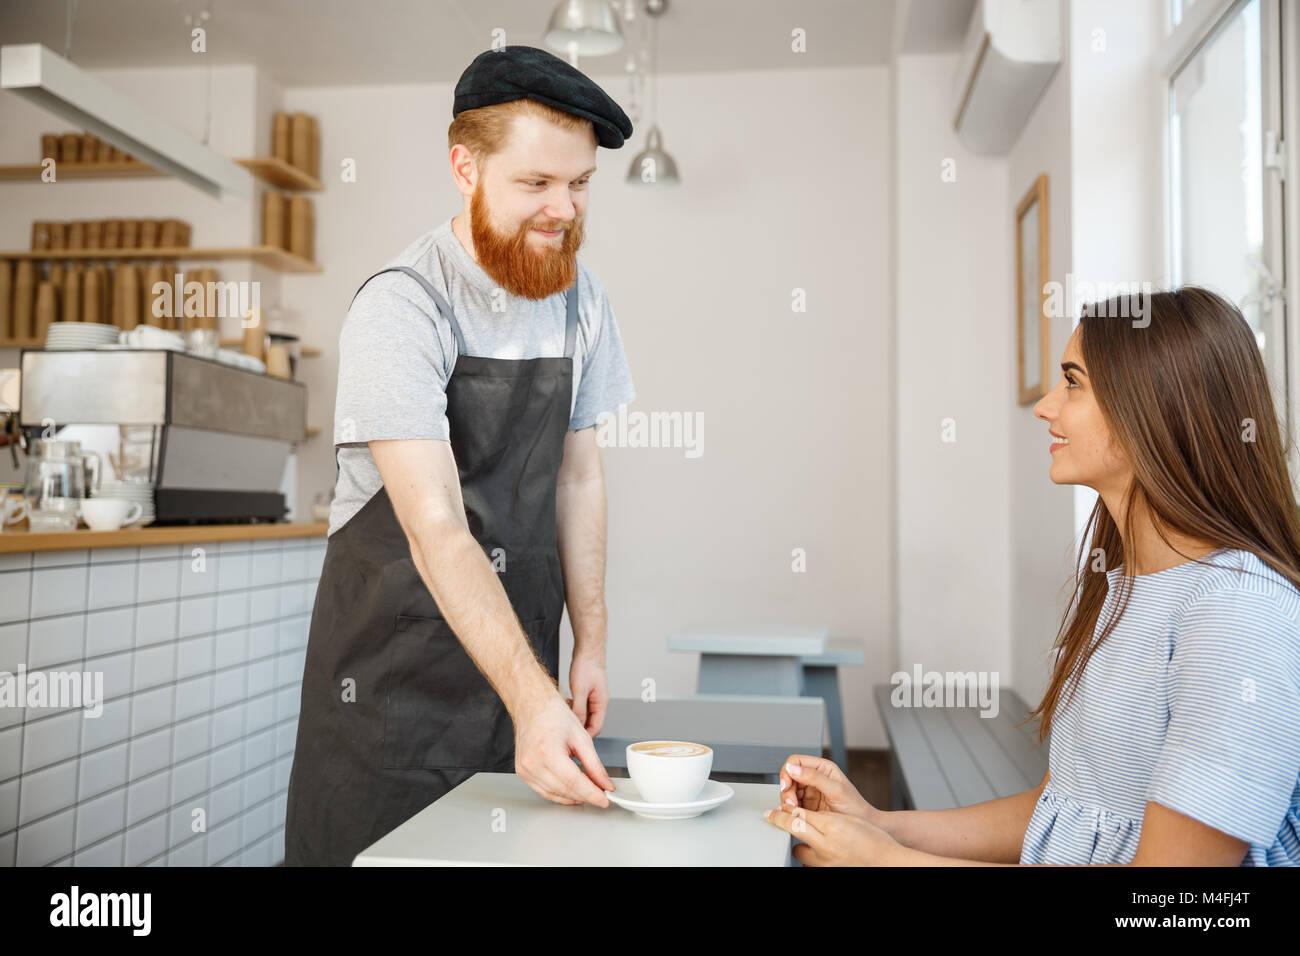 Caffè il concetto di Business - cameriere o barista che serve caffè caldo e parlare con caucasian bella Immagini Stock